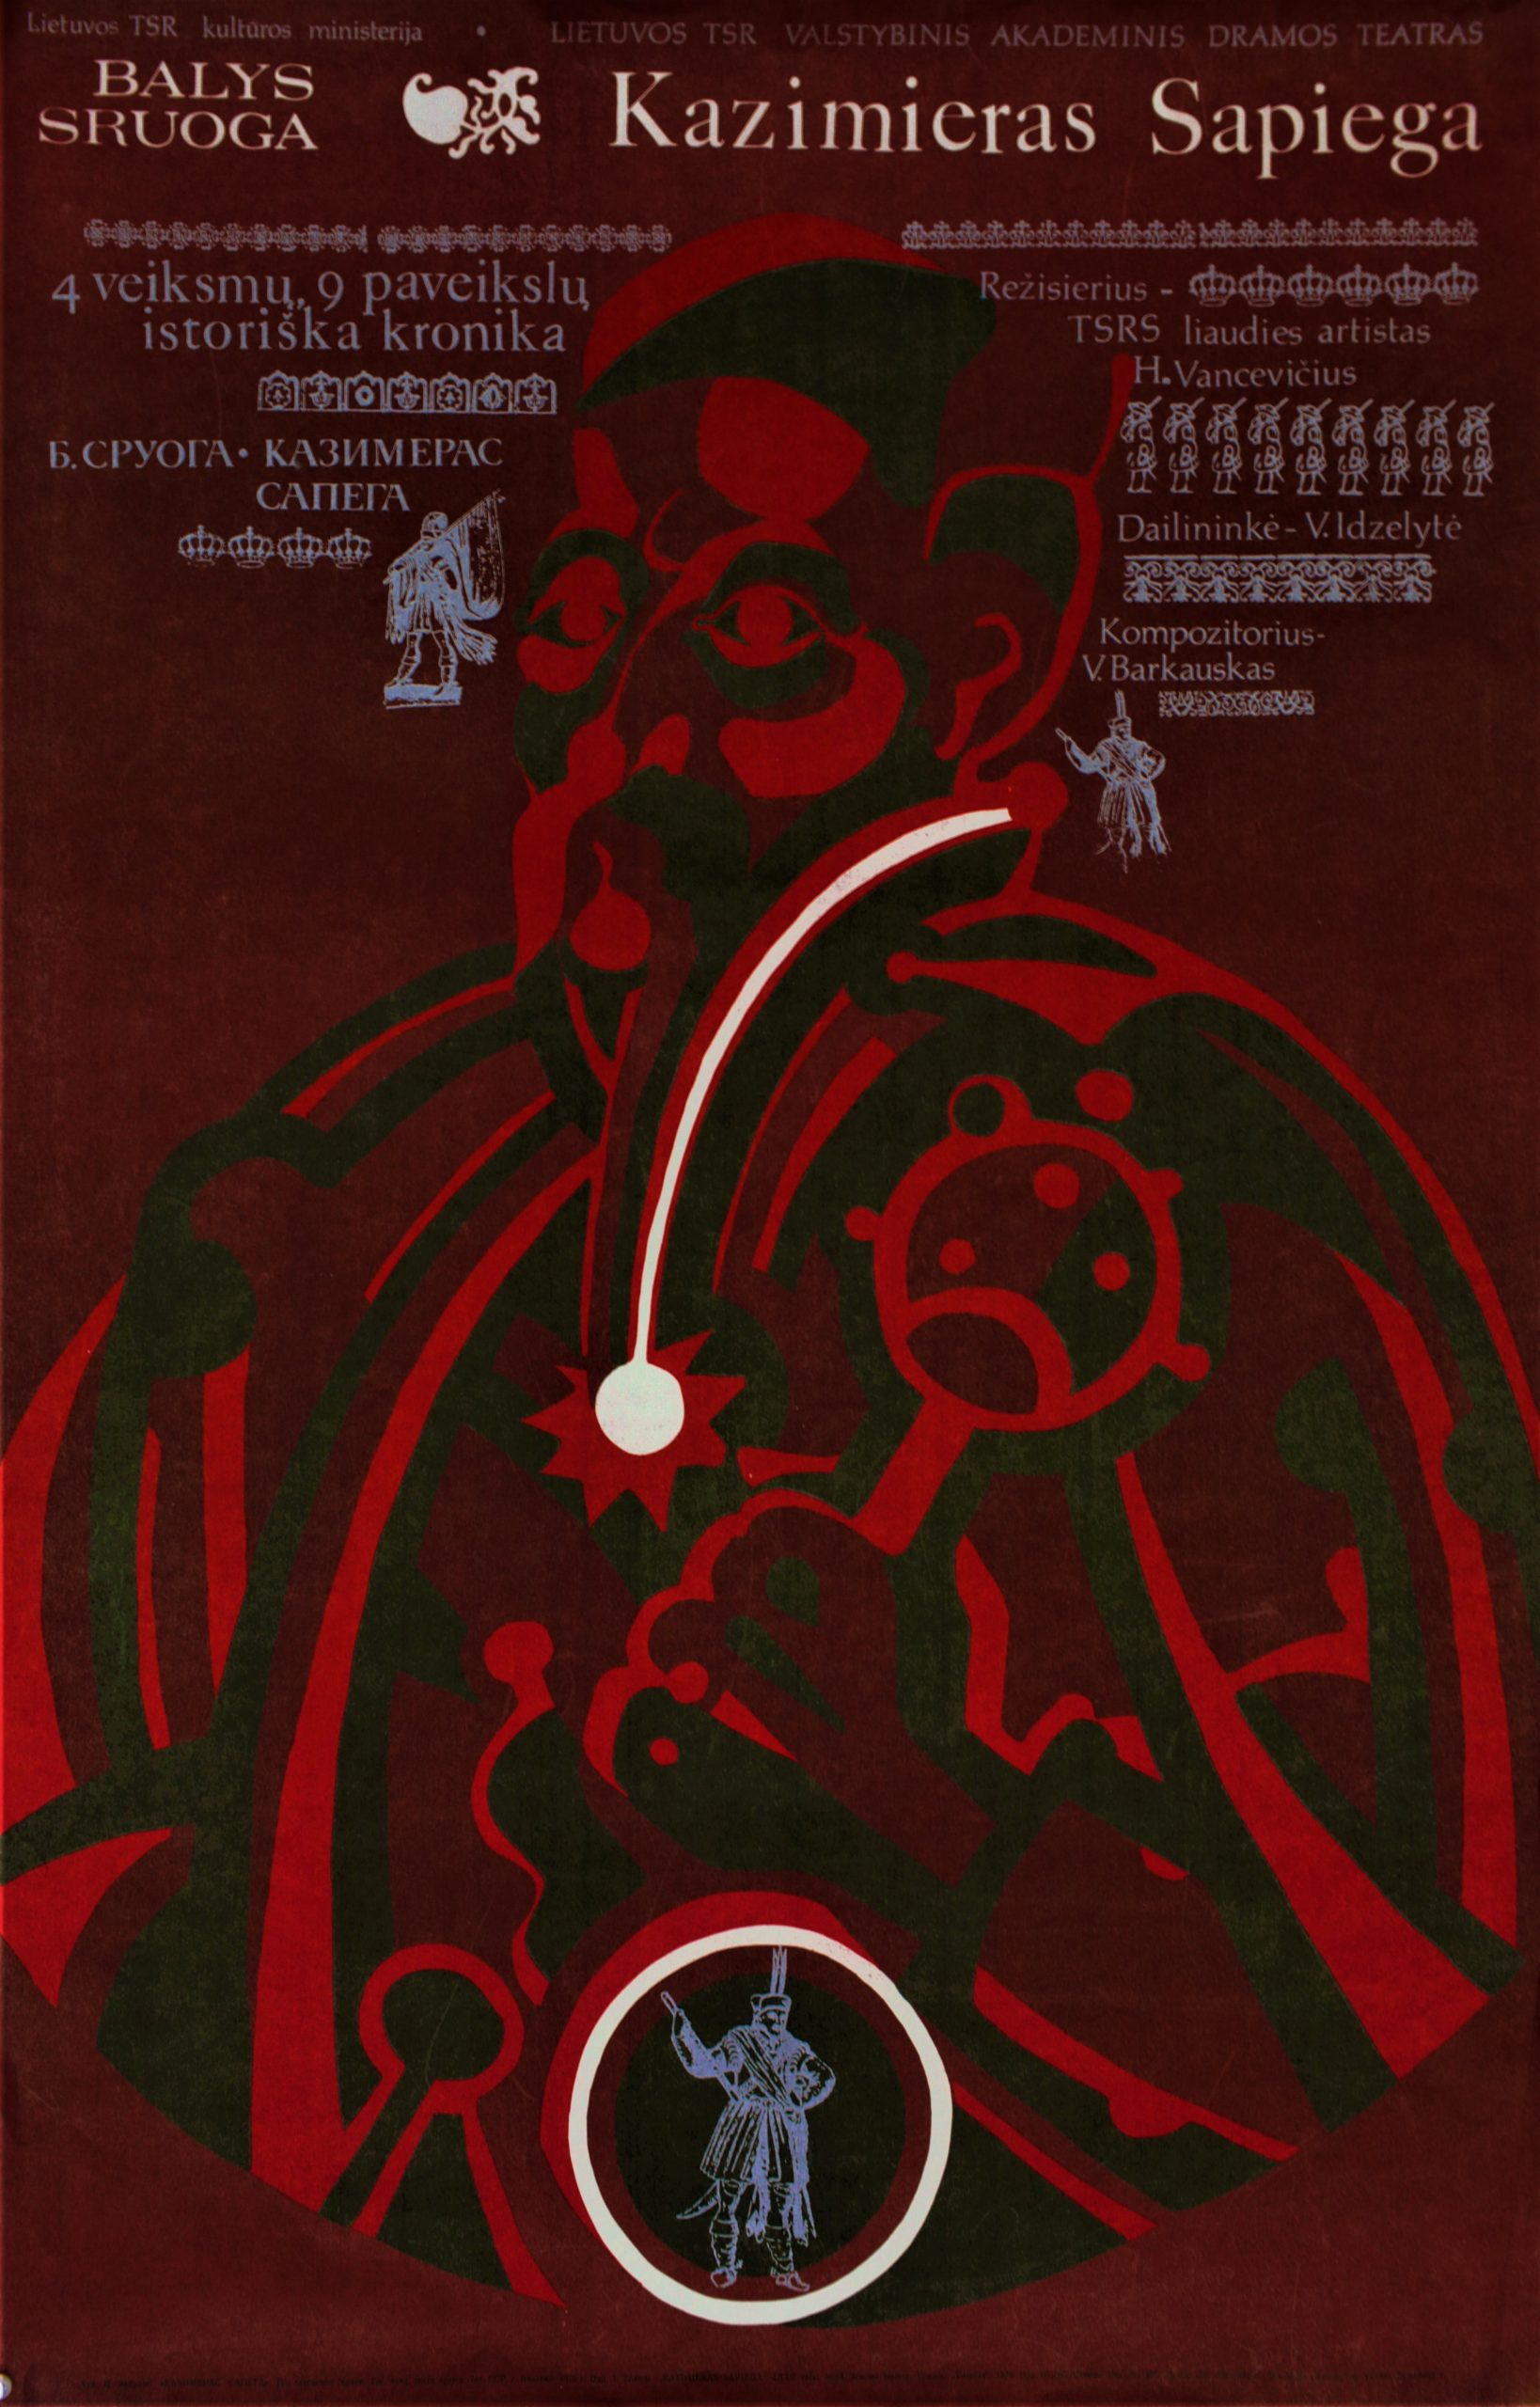 """Balys Sruoga """"Kazimieras Sapiega"""", režisierius H. Vancevičius, LTSR Valstybinis akademinis dramos teatras, plakato dailininkas I. Zibucas, 1979 m."""